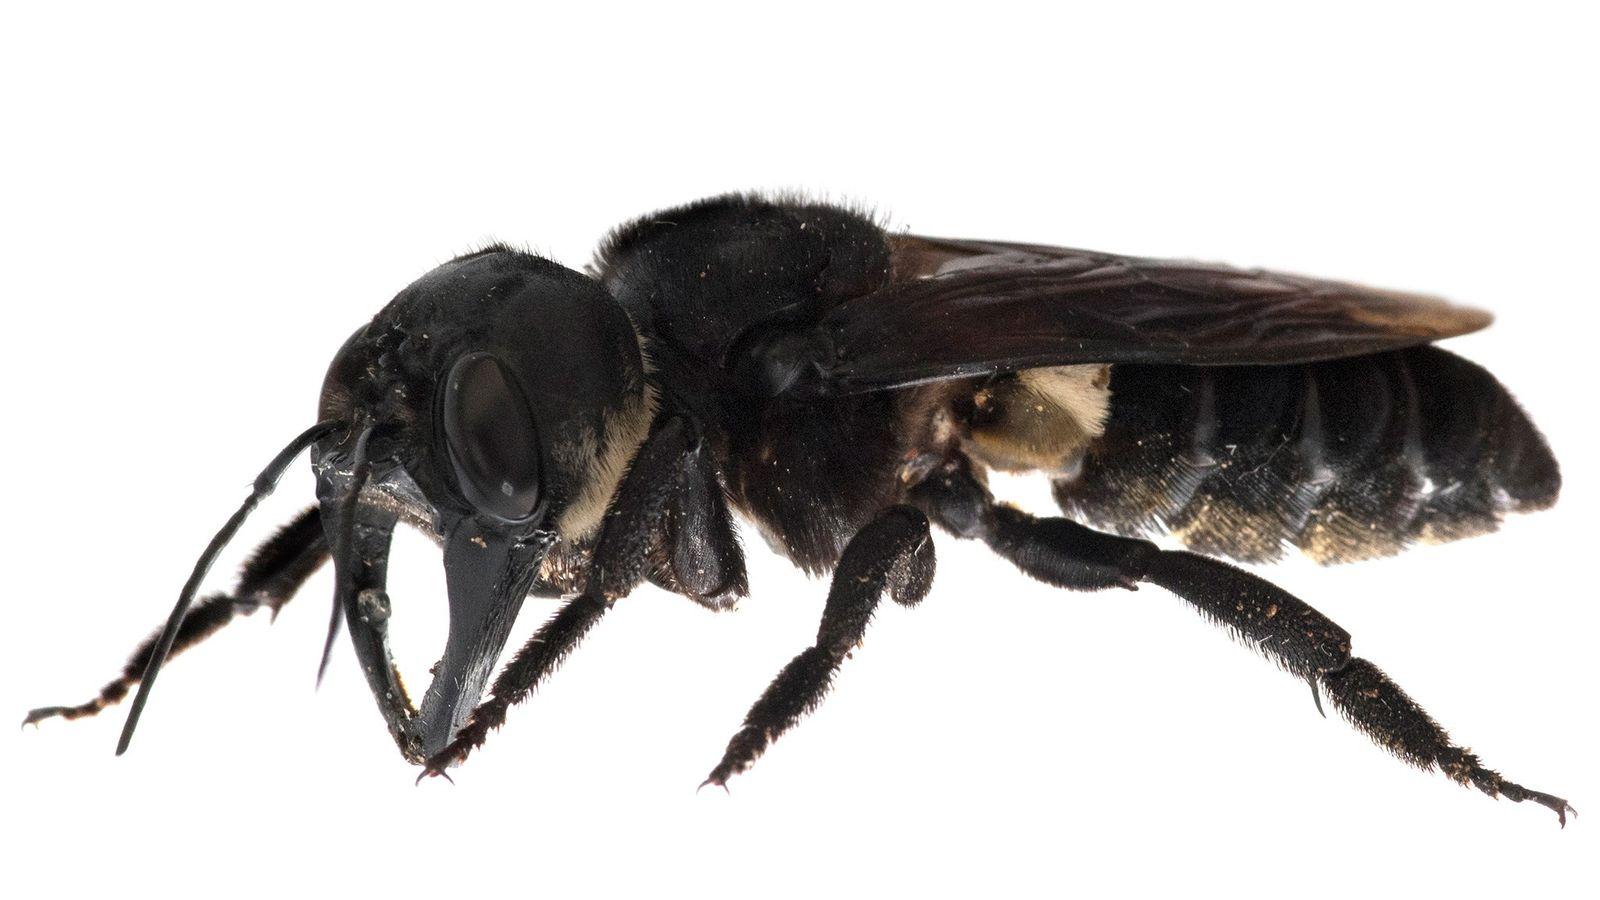 A abelha-gigante-de-Wallace (Megachile pluto) possui uma envergadura de 6,35 centímetros e grandes mandíbulas, muito semelhantes às ...